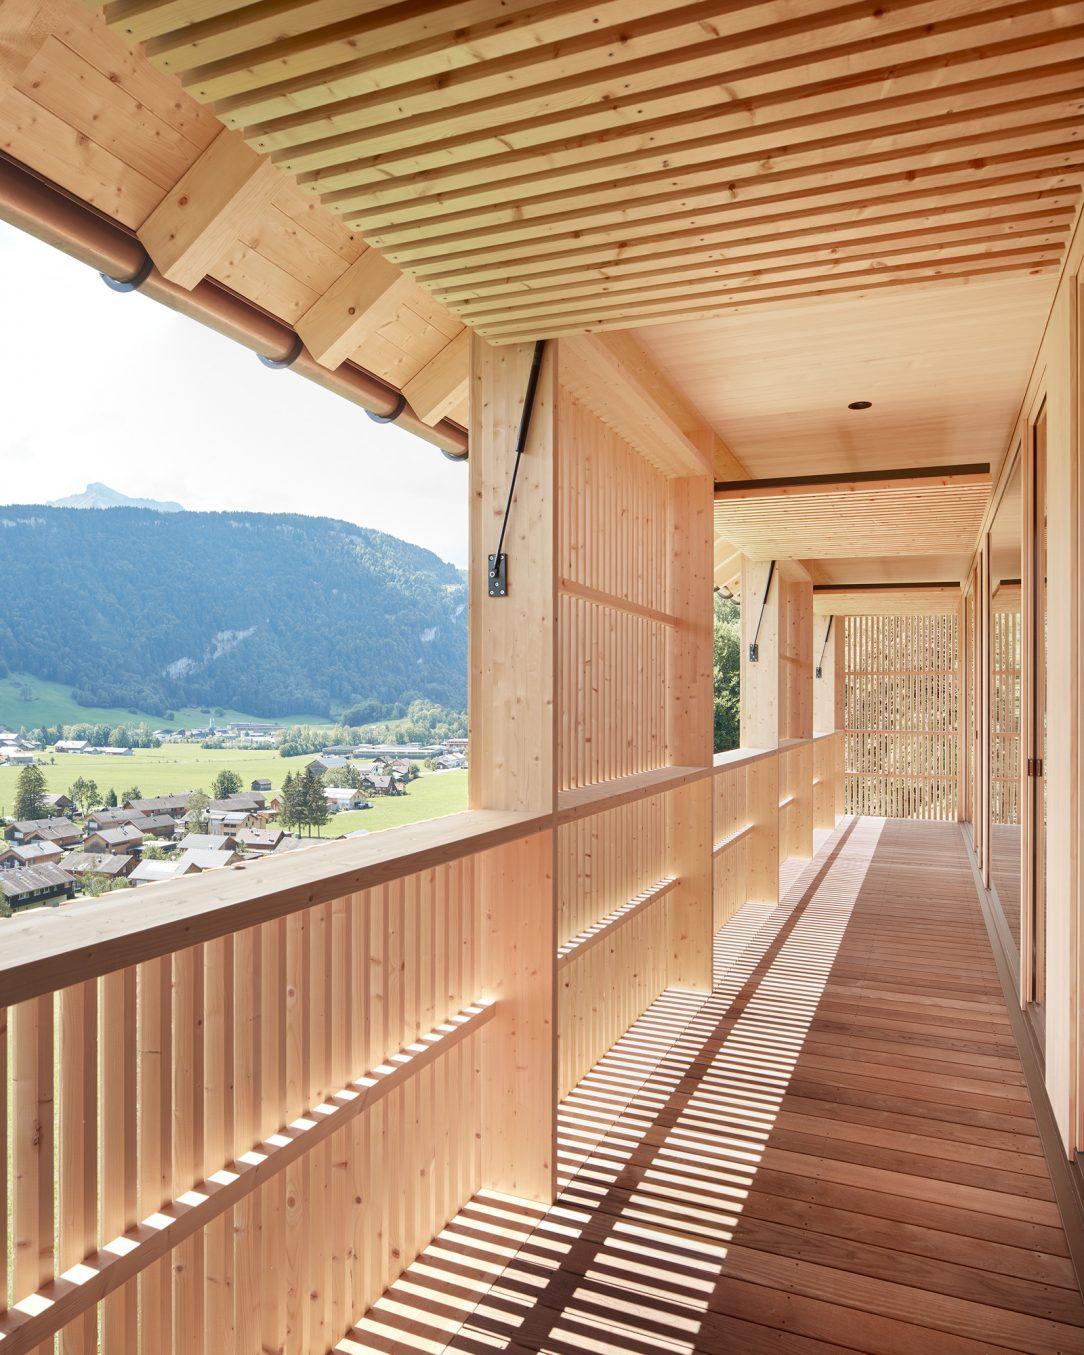 Drevené lamely filtrujú svetlo a zároveň poskytujú možnosť prispôsobiť výhľad potrebám domácich